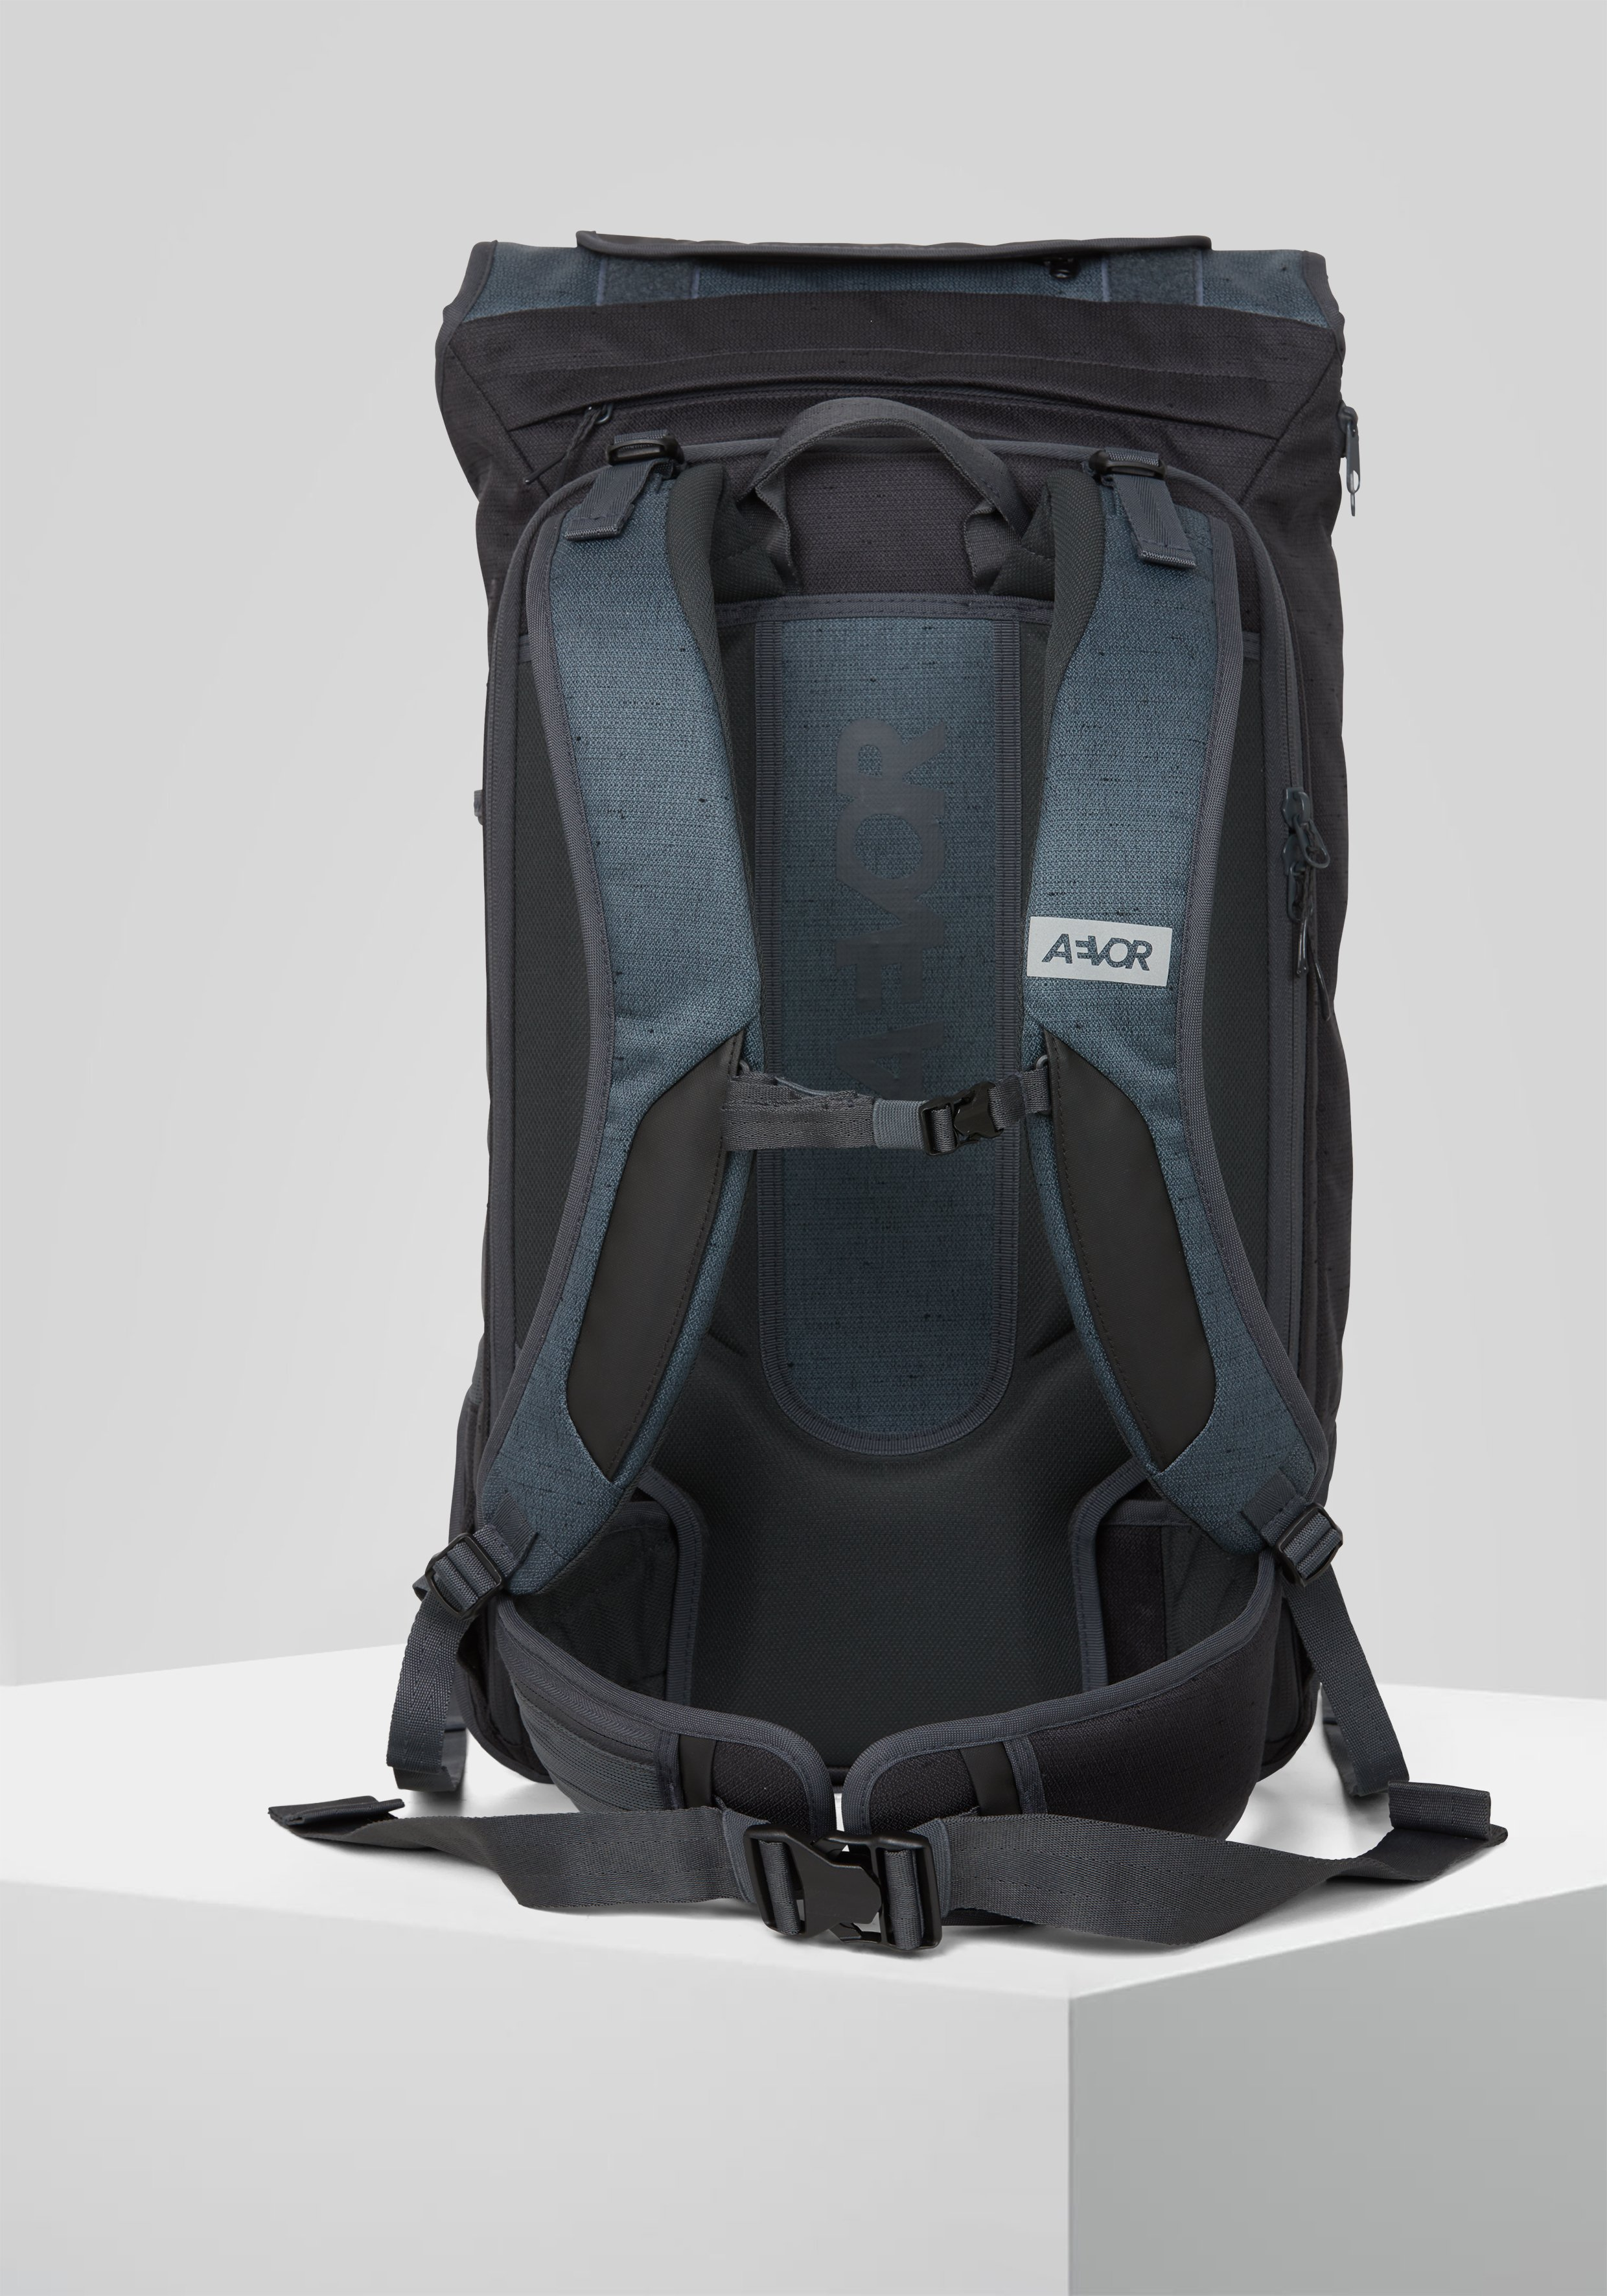 Aevor Travel Pack - Sac À Dos Anthracite JteAU4m